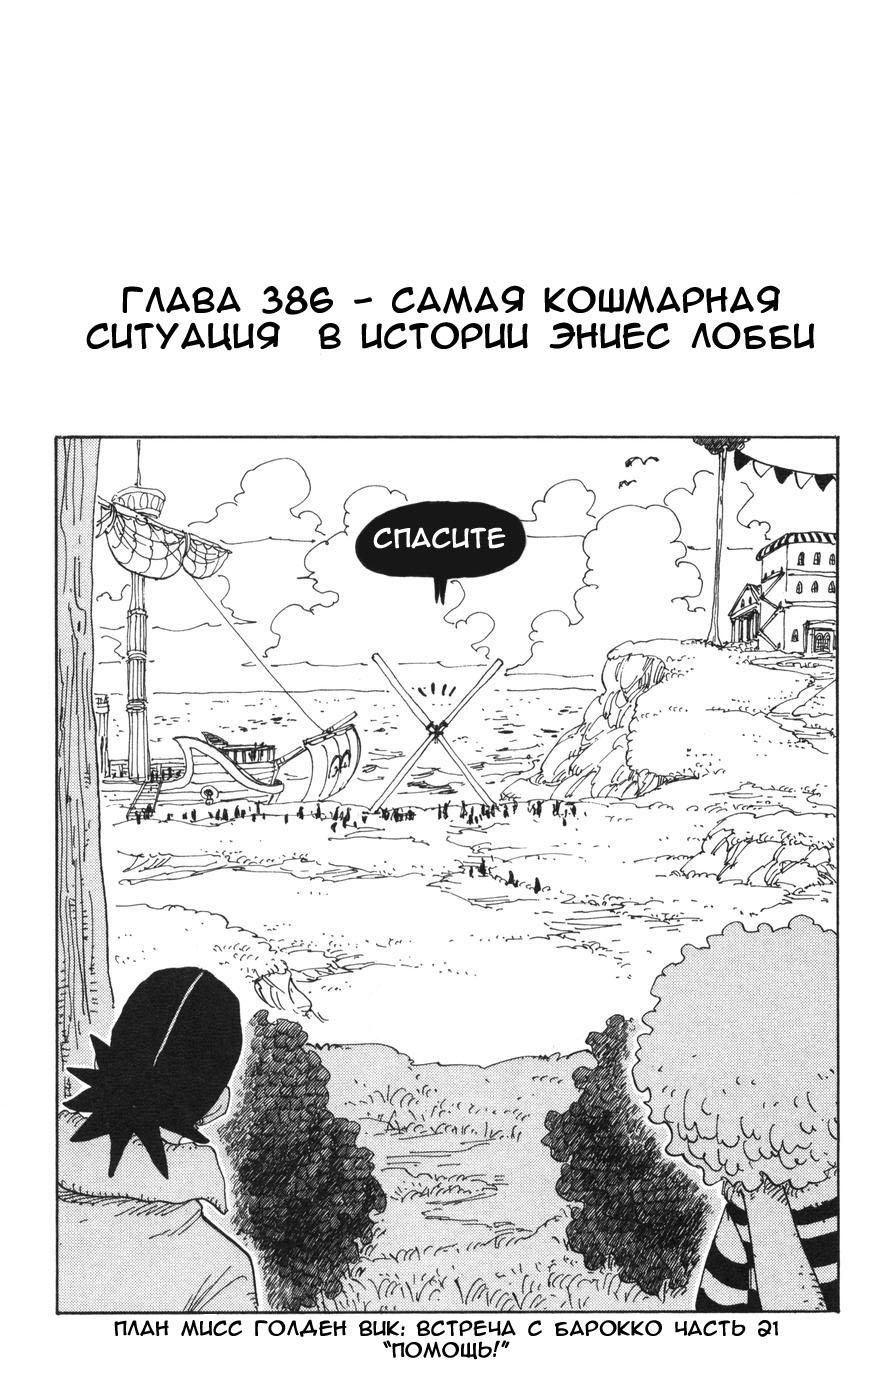 Манга One Piece / Ван Пис Манга One Piece Глава # 386 - Самая кошмарная ситуация в истории Эниес Лобби, страница 1